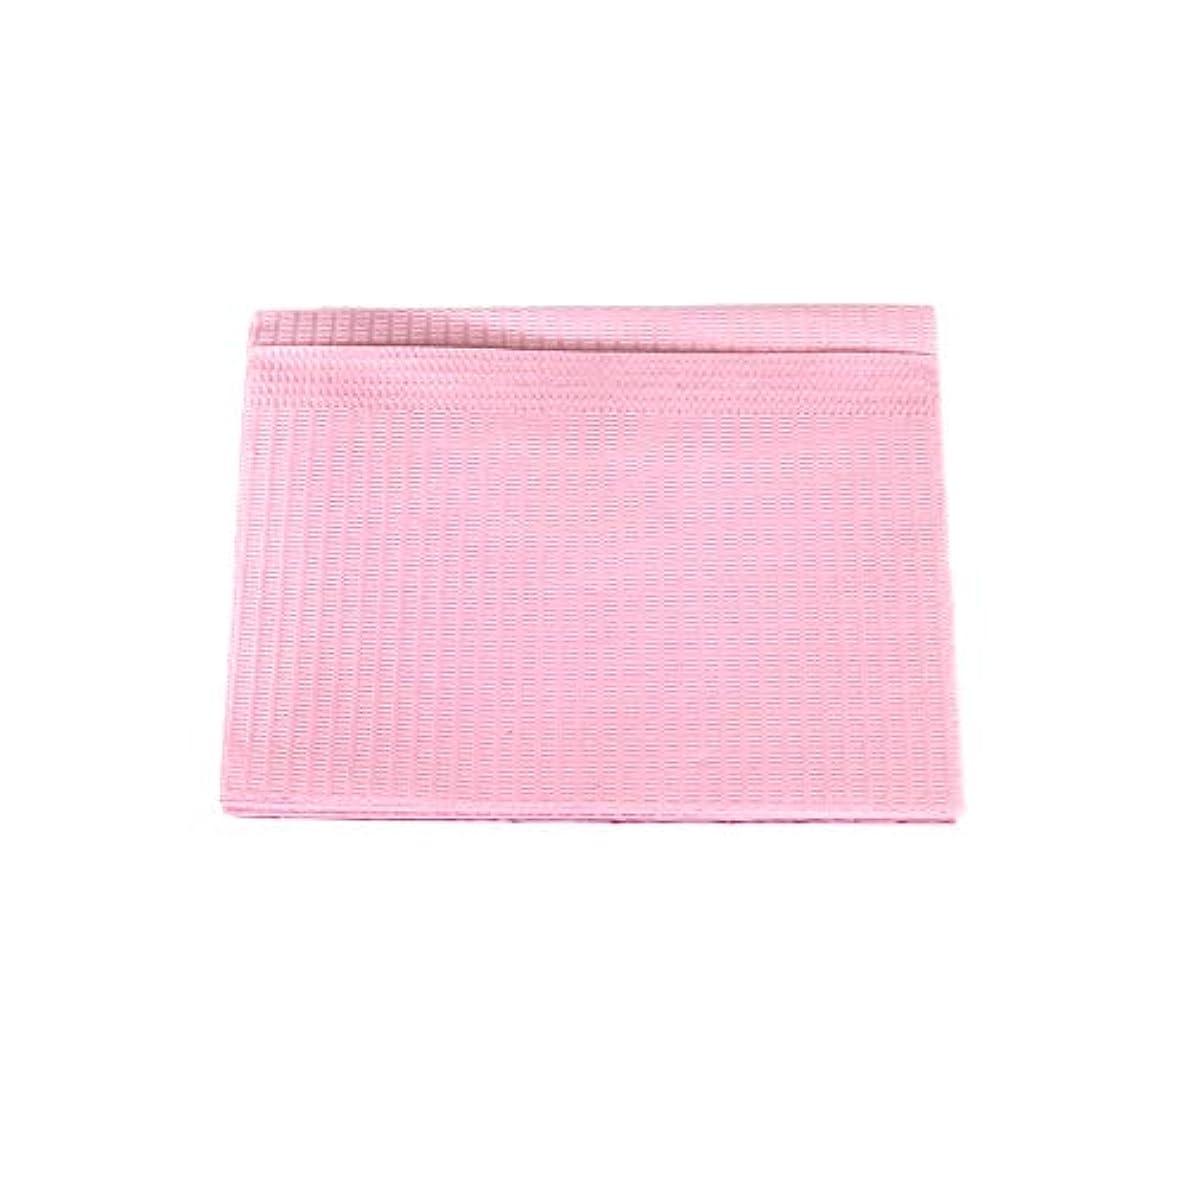 スペクトラムブレース理想的には防水ネイルペーパー ピンク 10枚入り ネイルシート 防水ペーパー キッチンペーパー